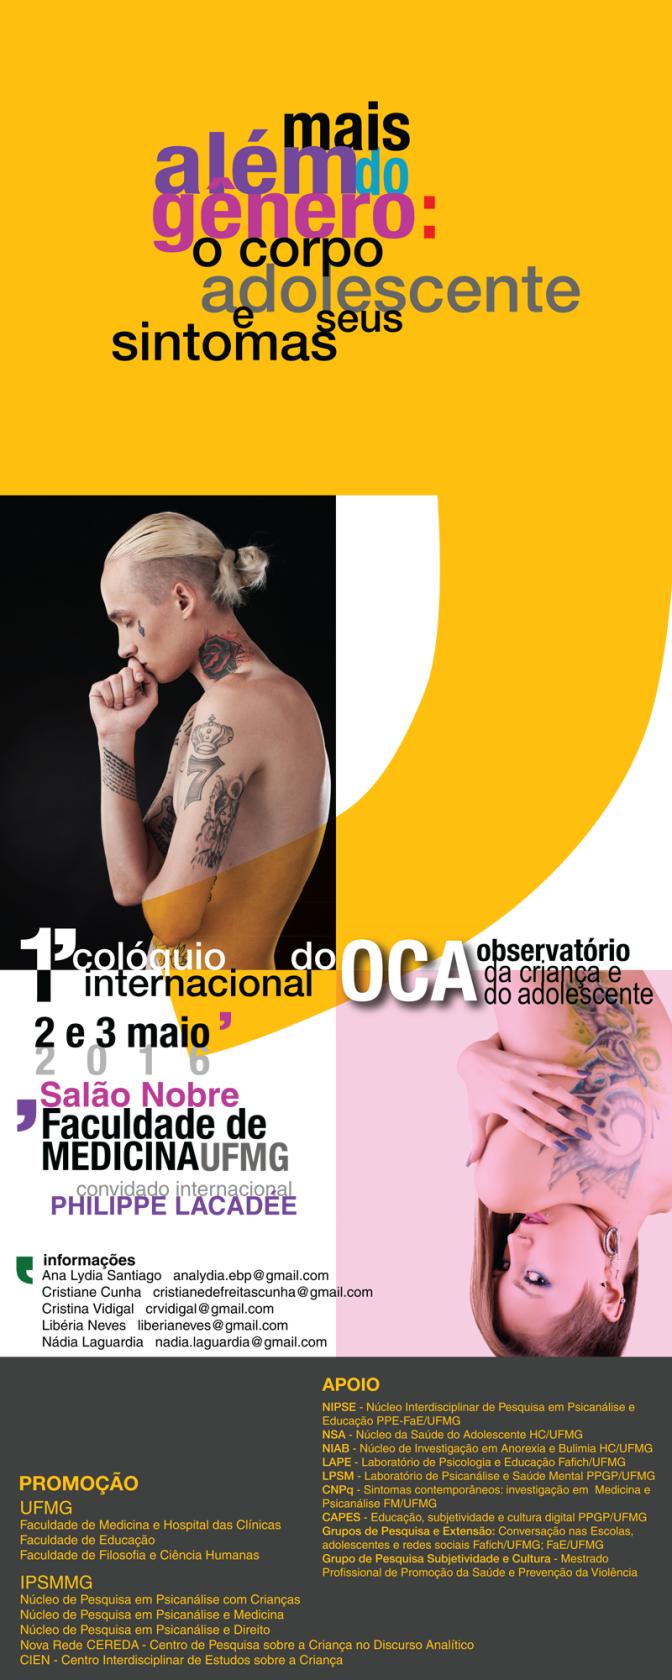 Primeiro Colóquio Internacional do Observatório da Criança e do Adolescente